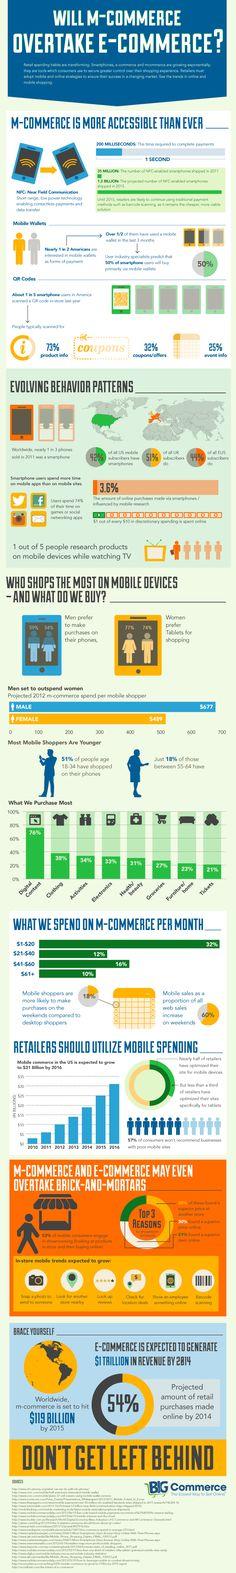 mcommerce-infographic